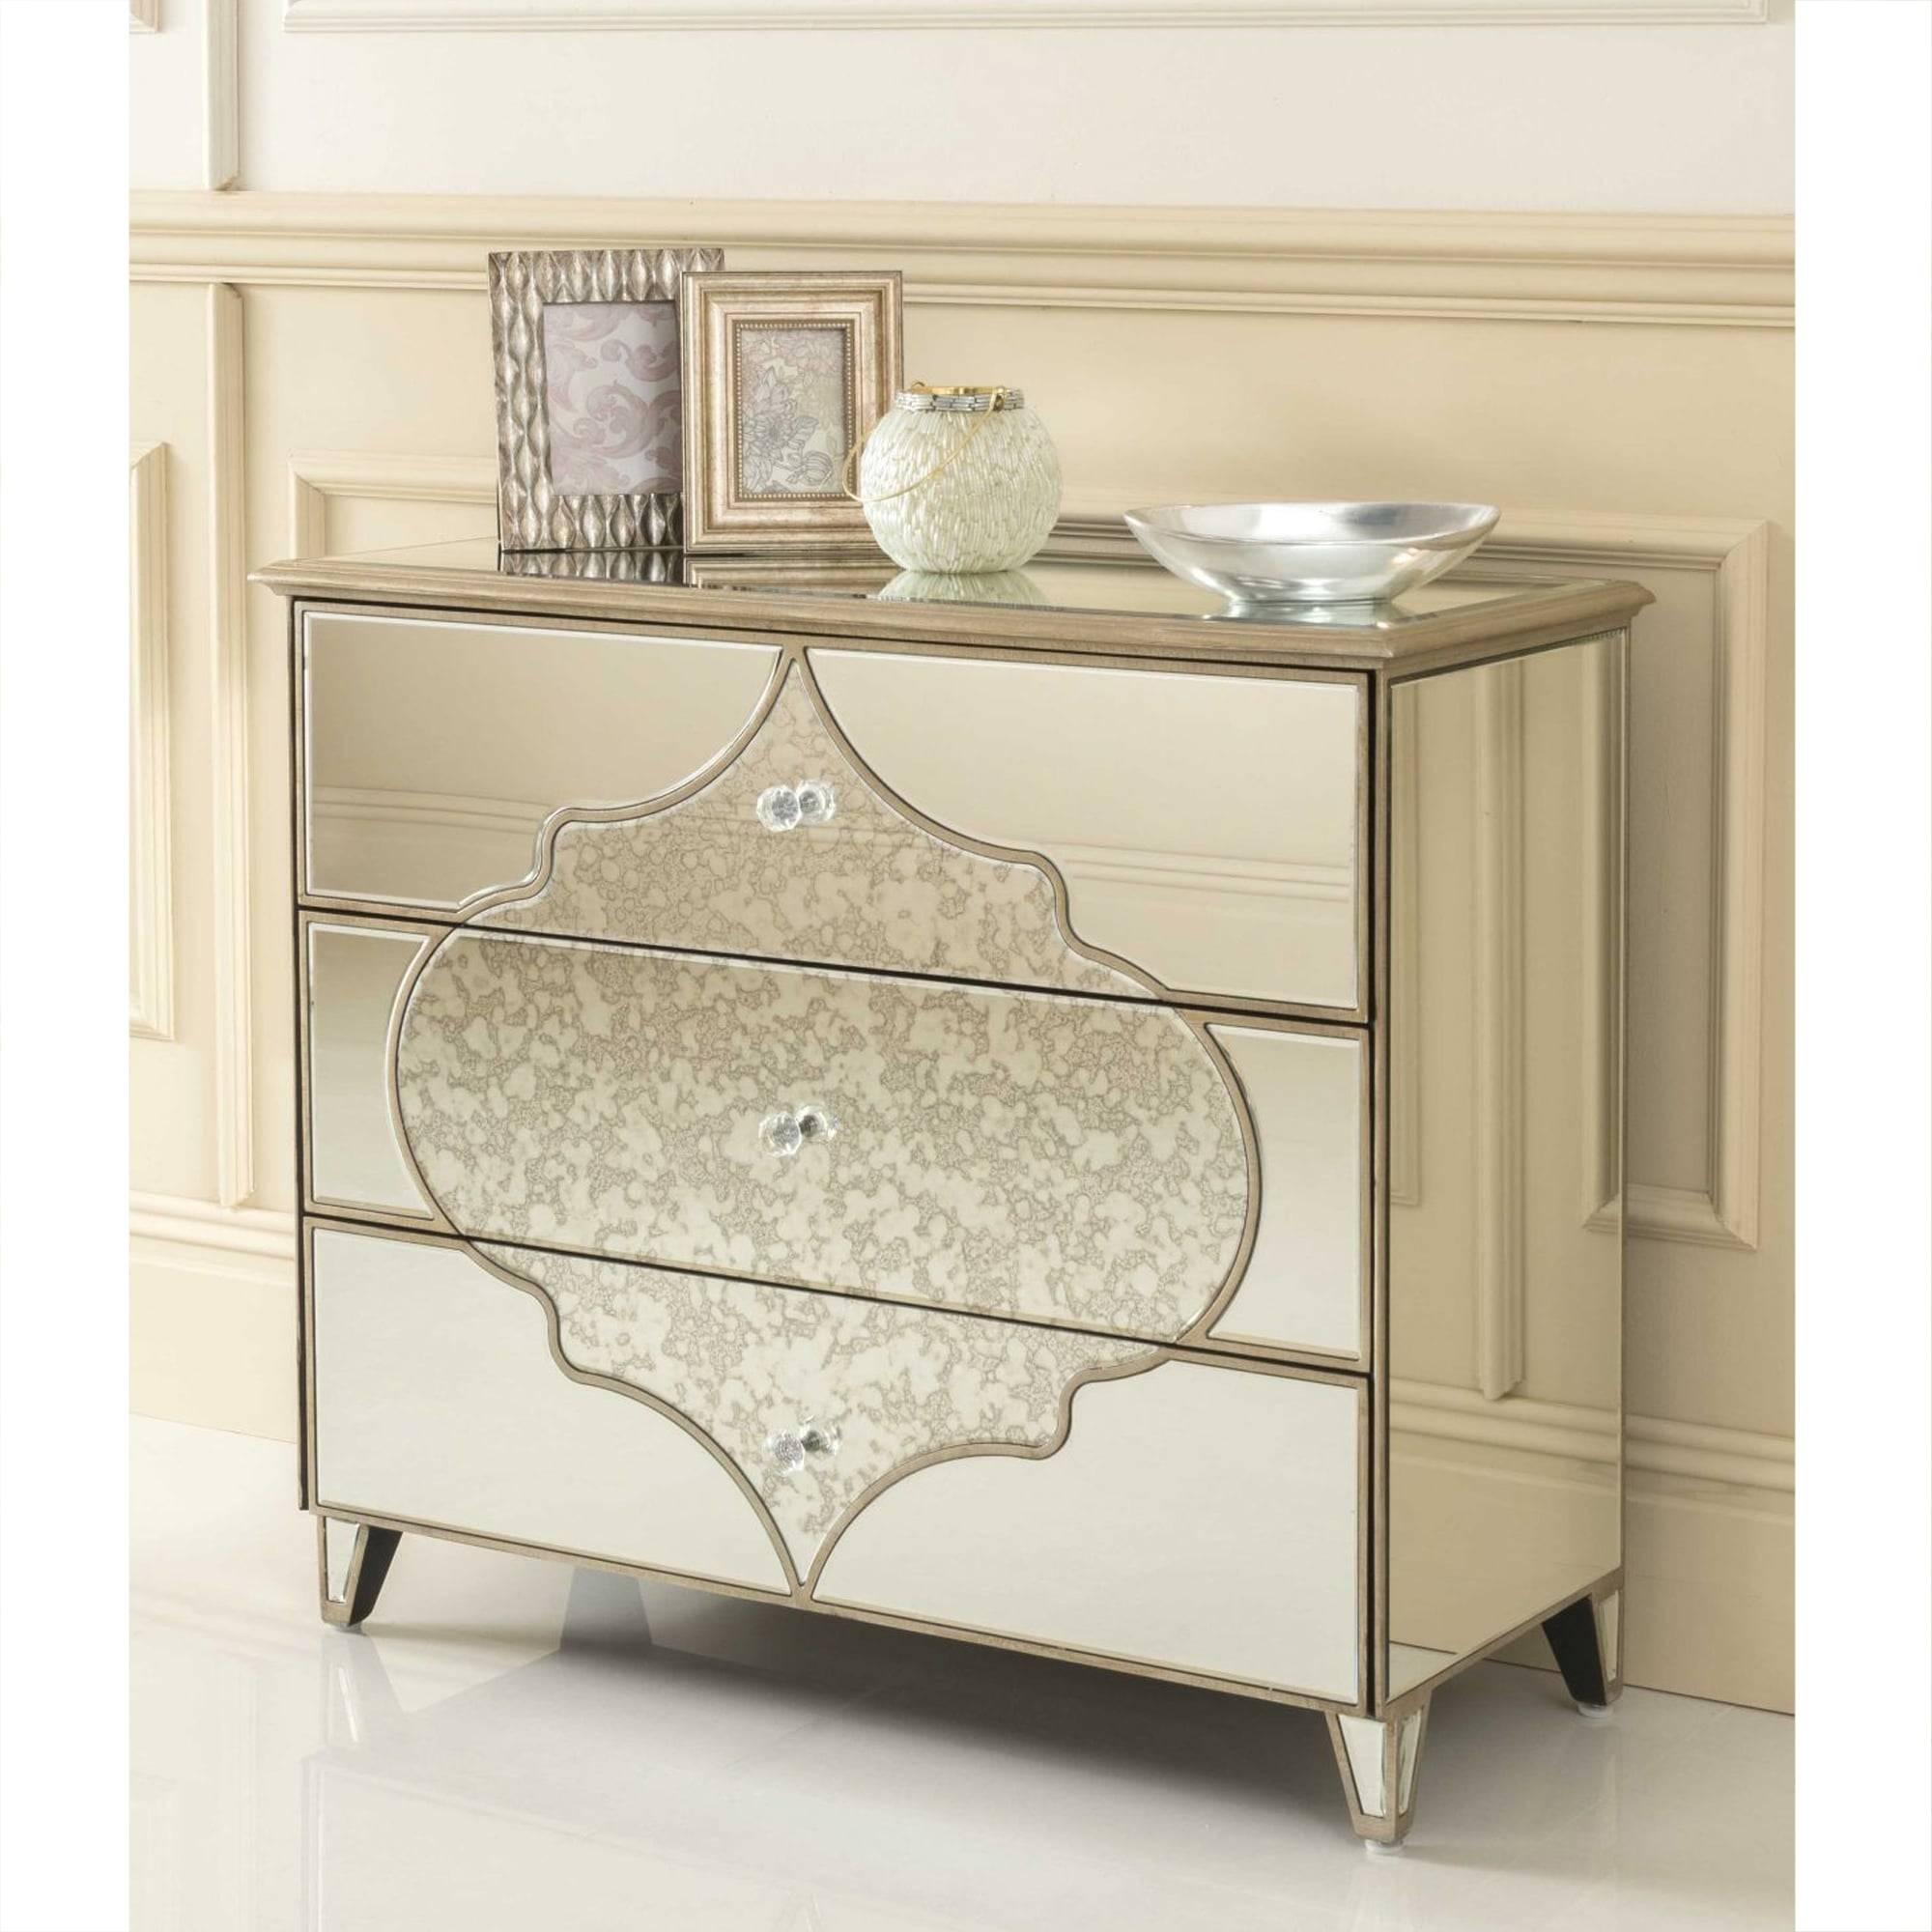 Sassari Mirrored Chest Of Drawers | Venetian Furniture for Venetian Mirrored Chest of Drawers (Image 17 of 25)